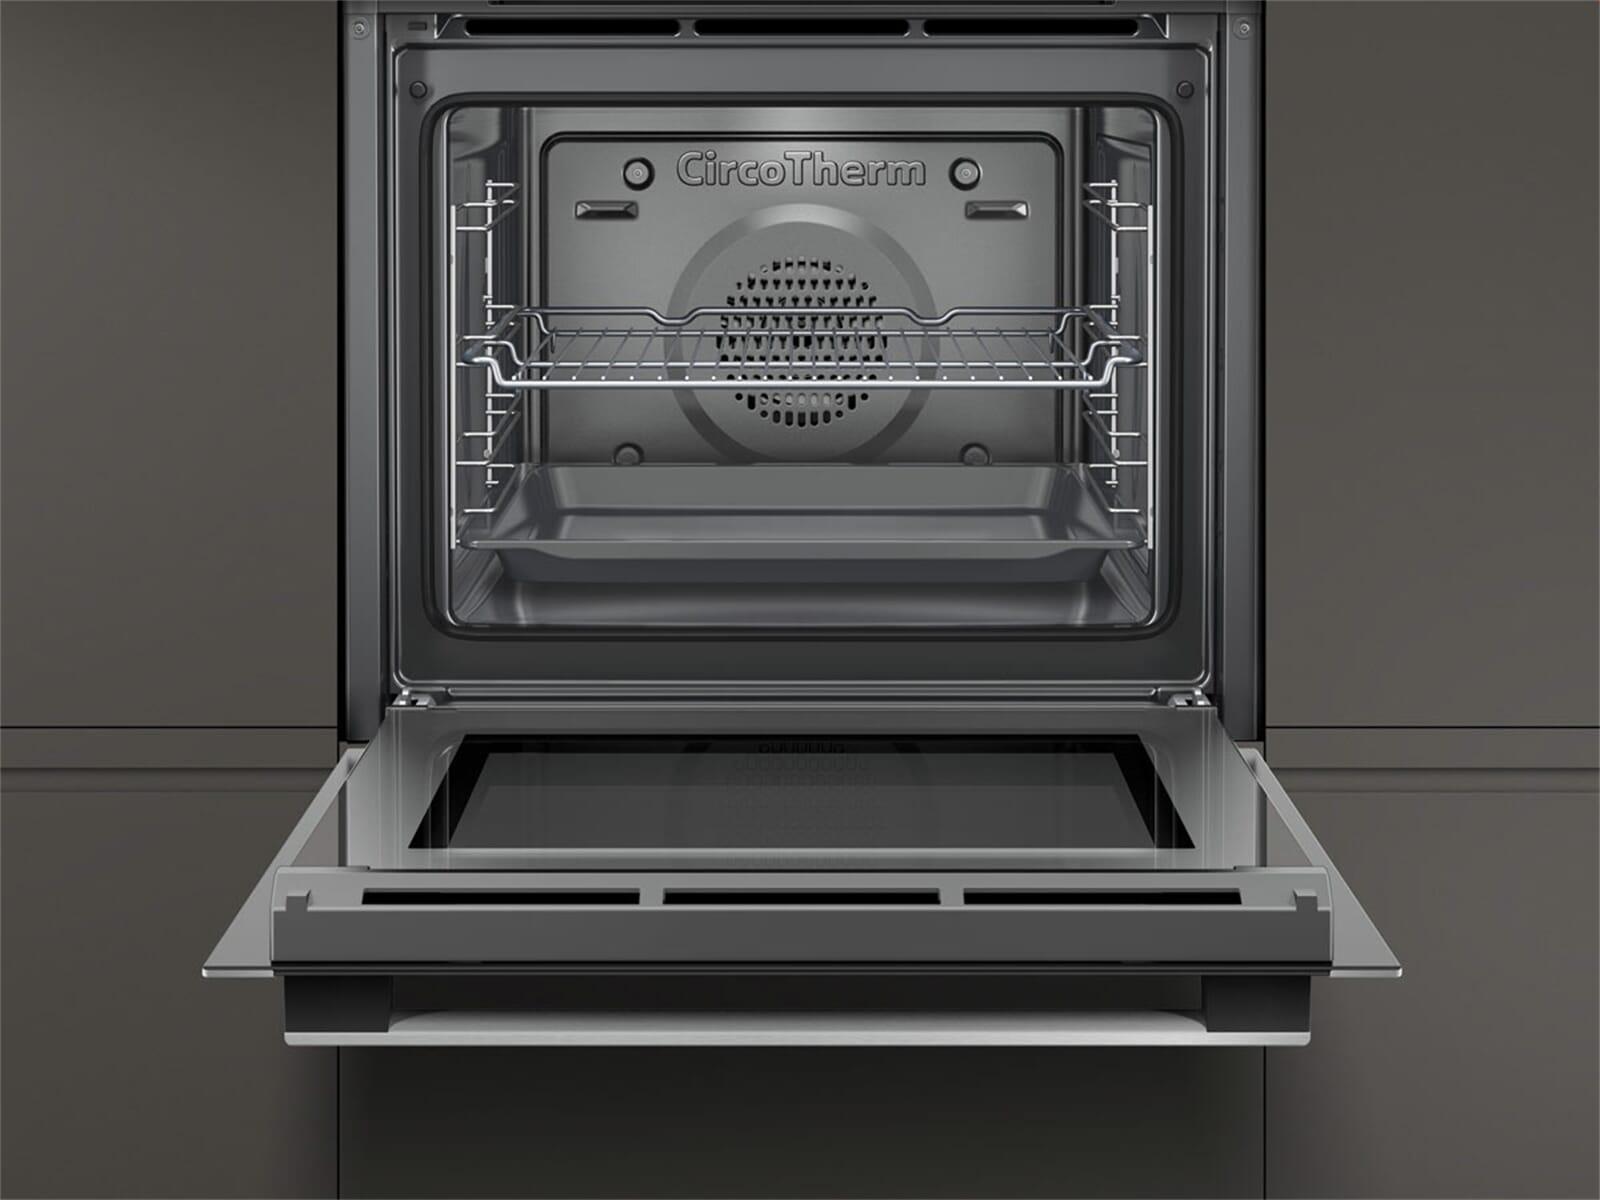 neff bca1502 backofen edelstahl. Black Bedroom Furniture Sets. Home Design Ideas